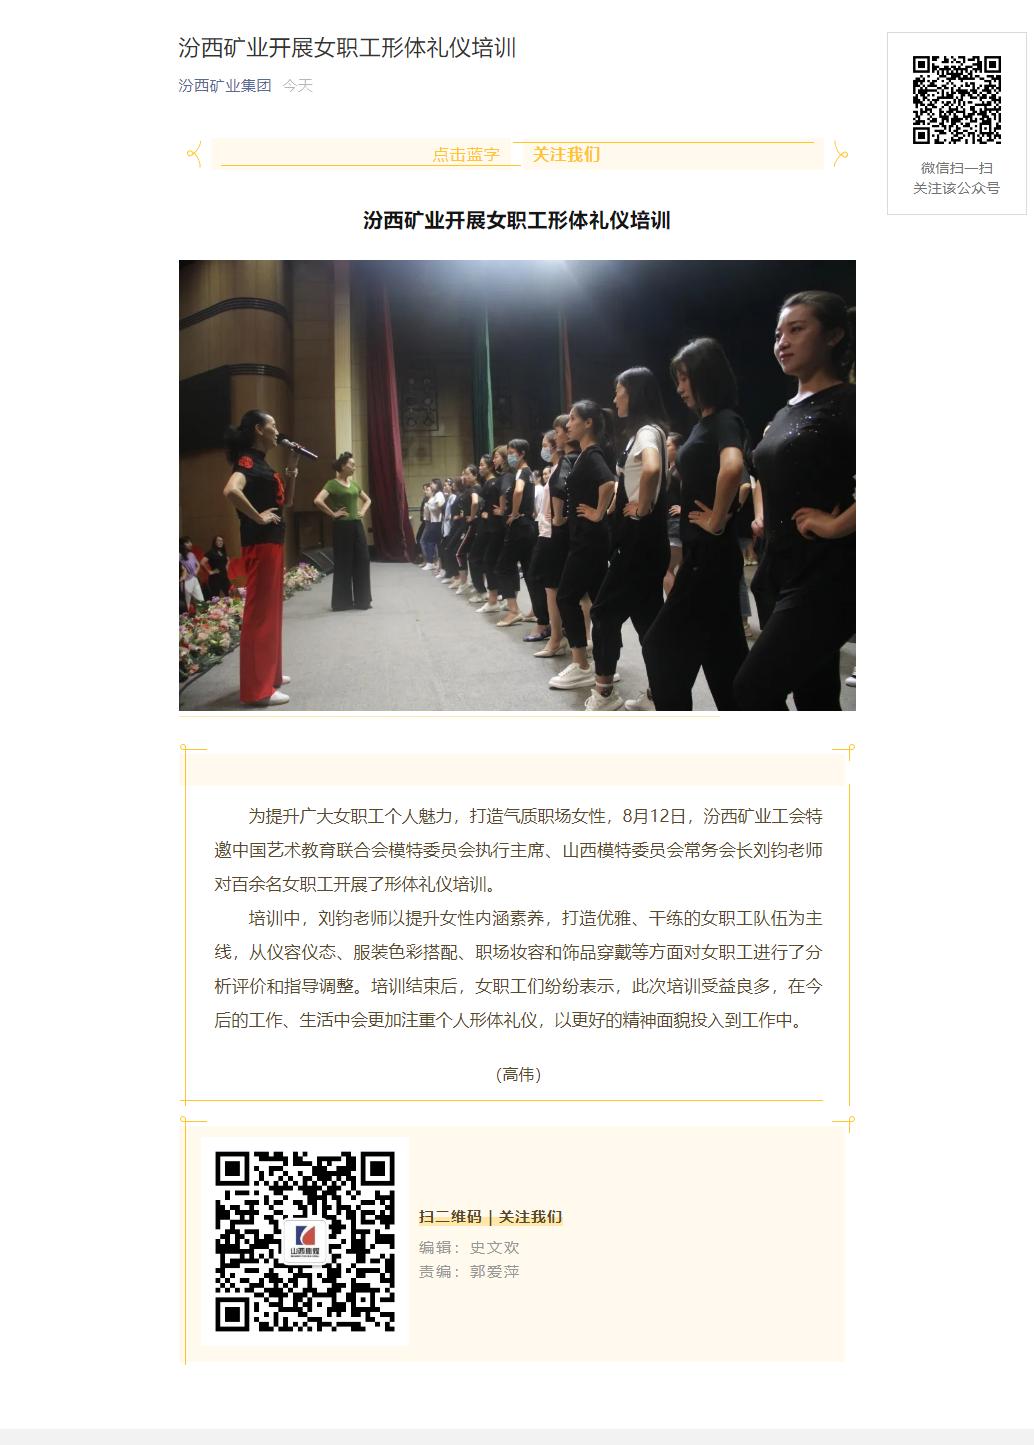 汾西矿业开展女职工形体礼仪培训.png